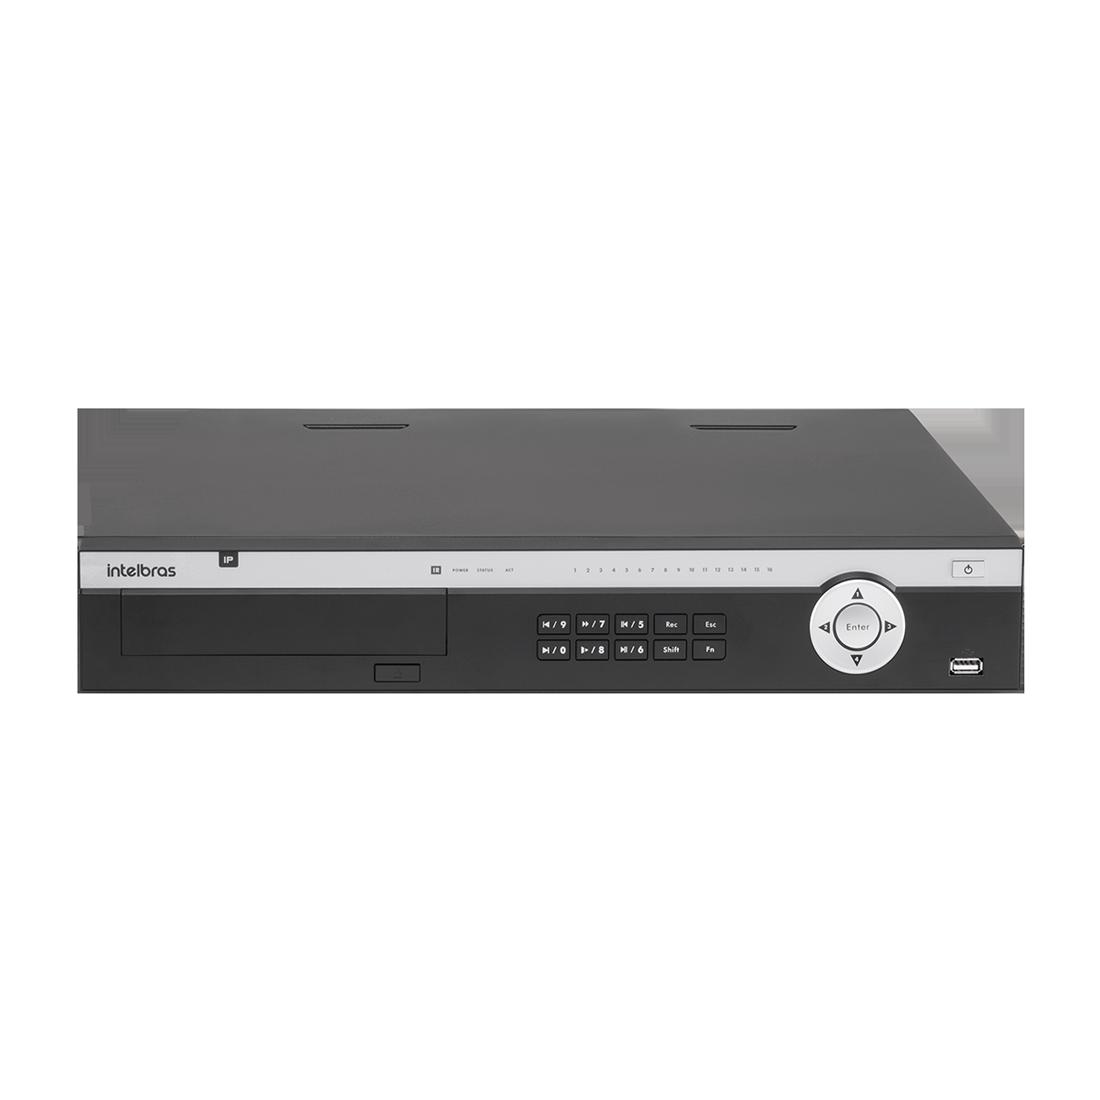 NVD 5124 COM HD 2TB - GRAV. DIG. DE VÍDEO EM REDE PARA ATÉ 24 CANAIS IP EM FULL HD @ 30 FPS, SUPORTA CÂMERA FISHEYE, INTELIGÊNCIA DE VÍDEO EM TODOS OS CANAIS, H.265, SUPORTE PARA 4HDS E SUPORTA CÂMERA  - Sandercomp Virtual